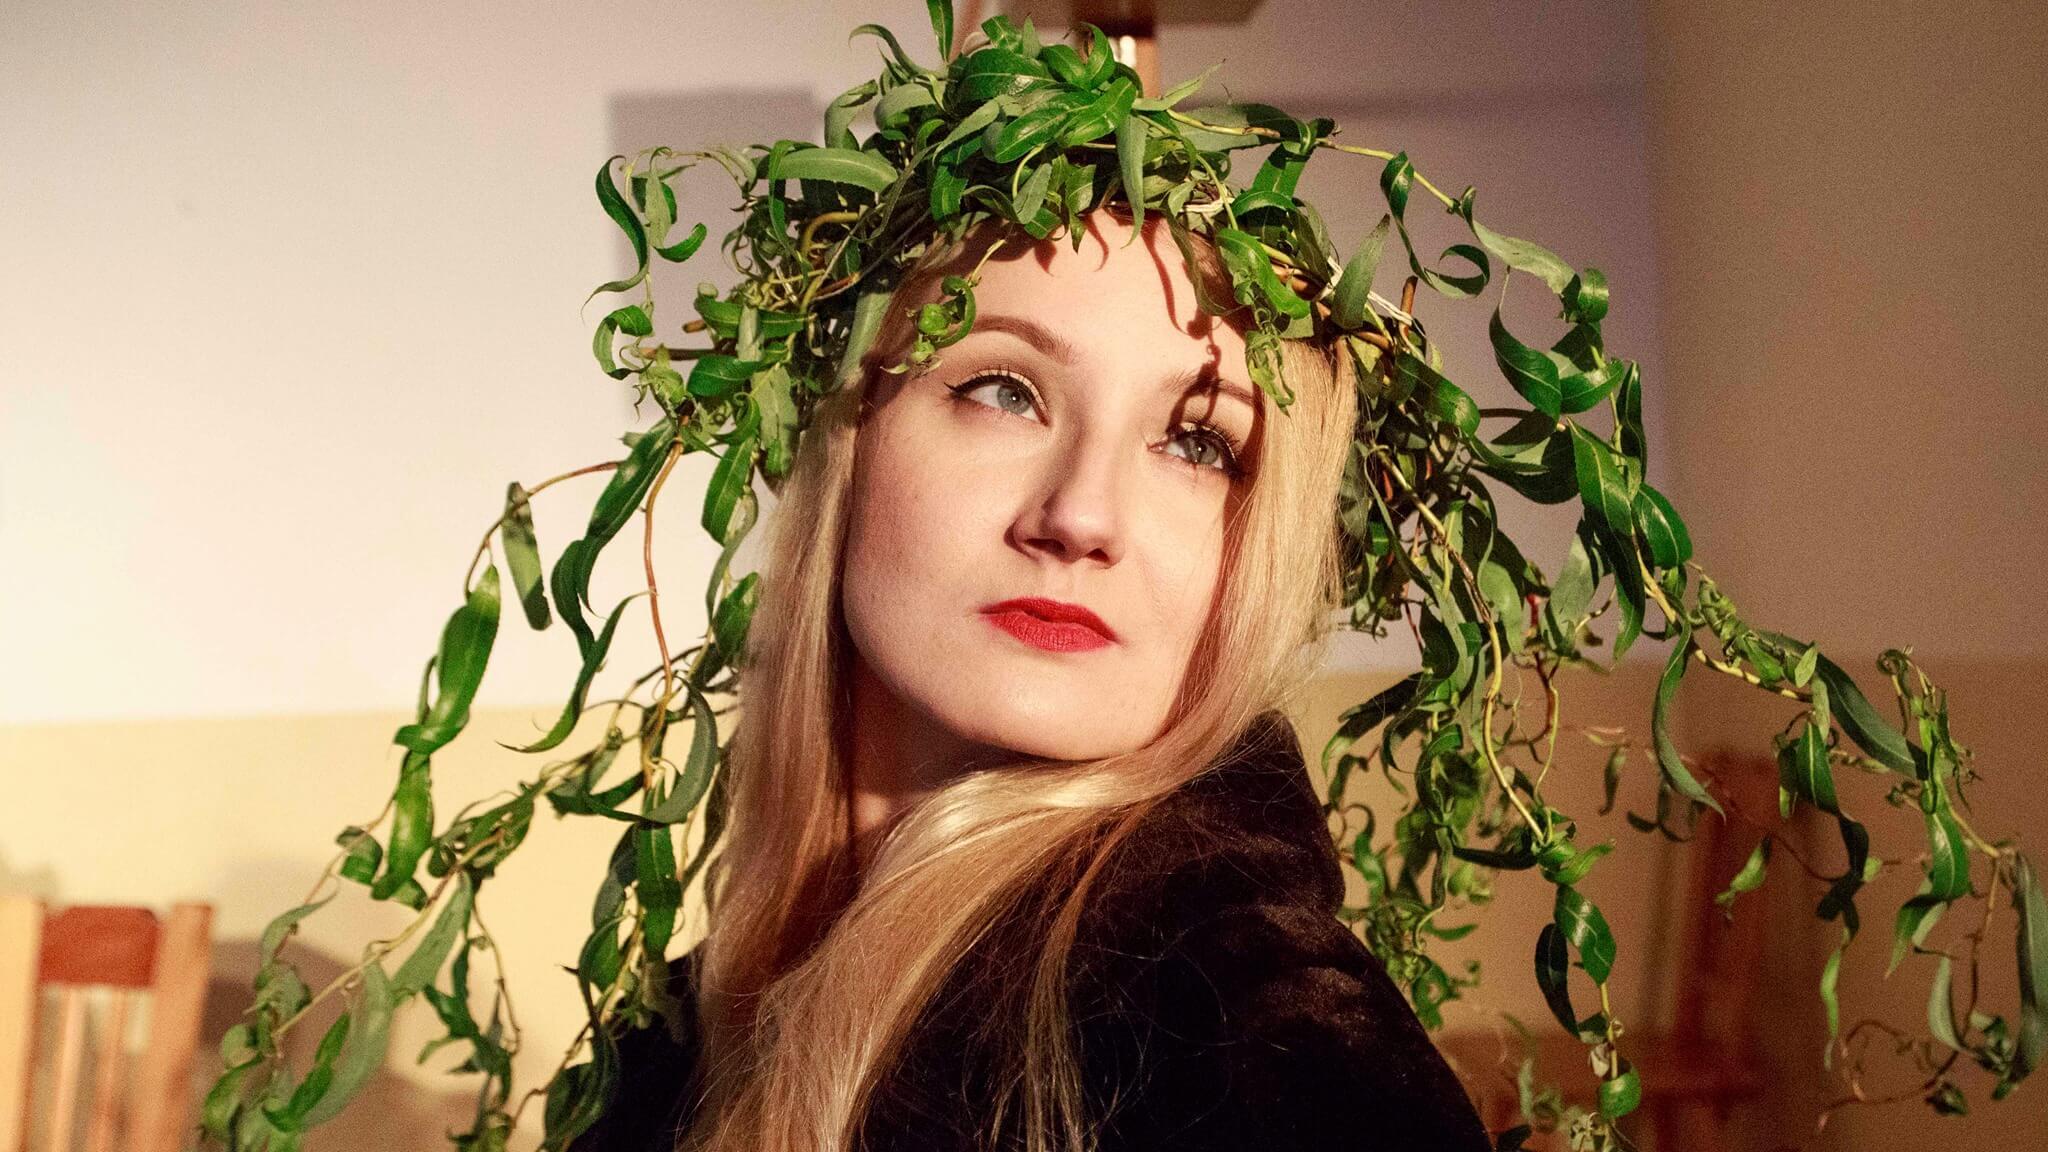 Aktorka o długich bląd włosach i czerwonych ustach z wiankiem z zielonych lisci na głowie.